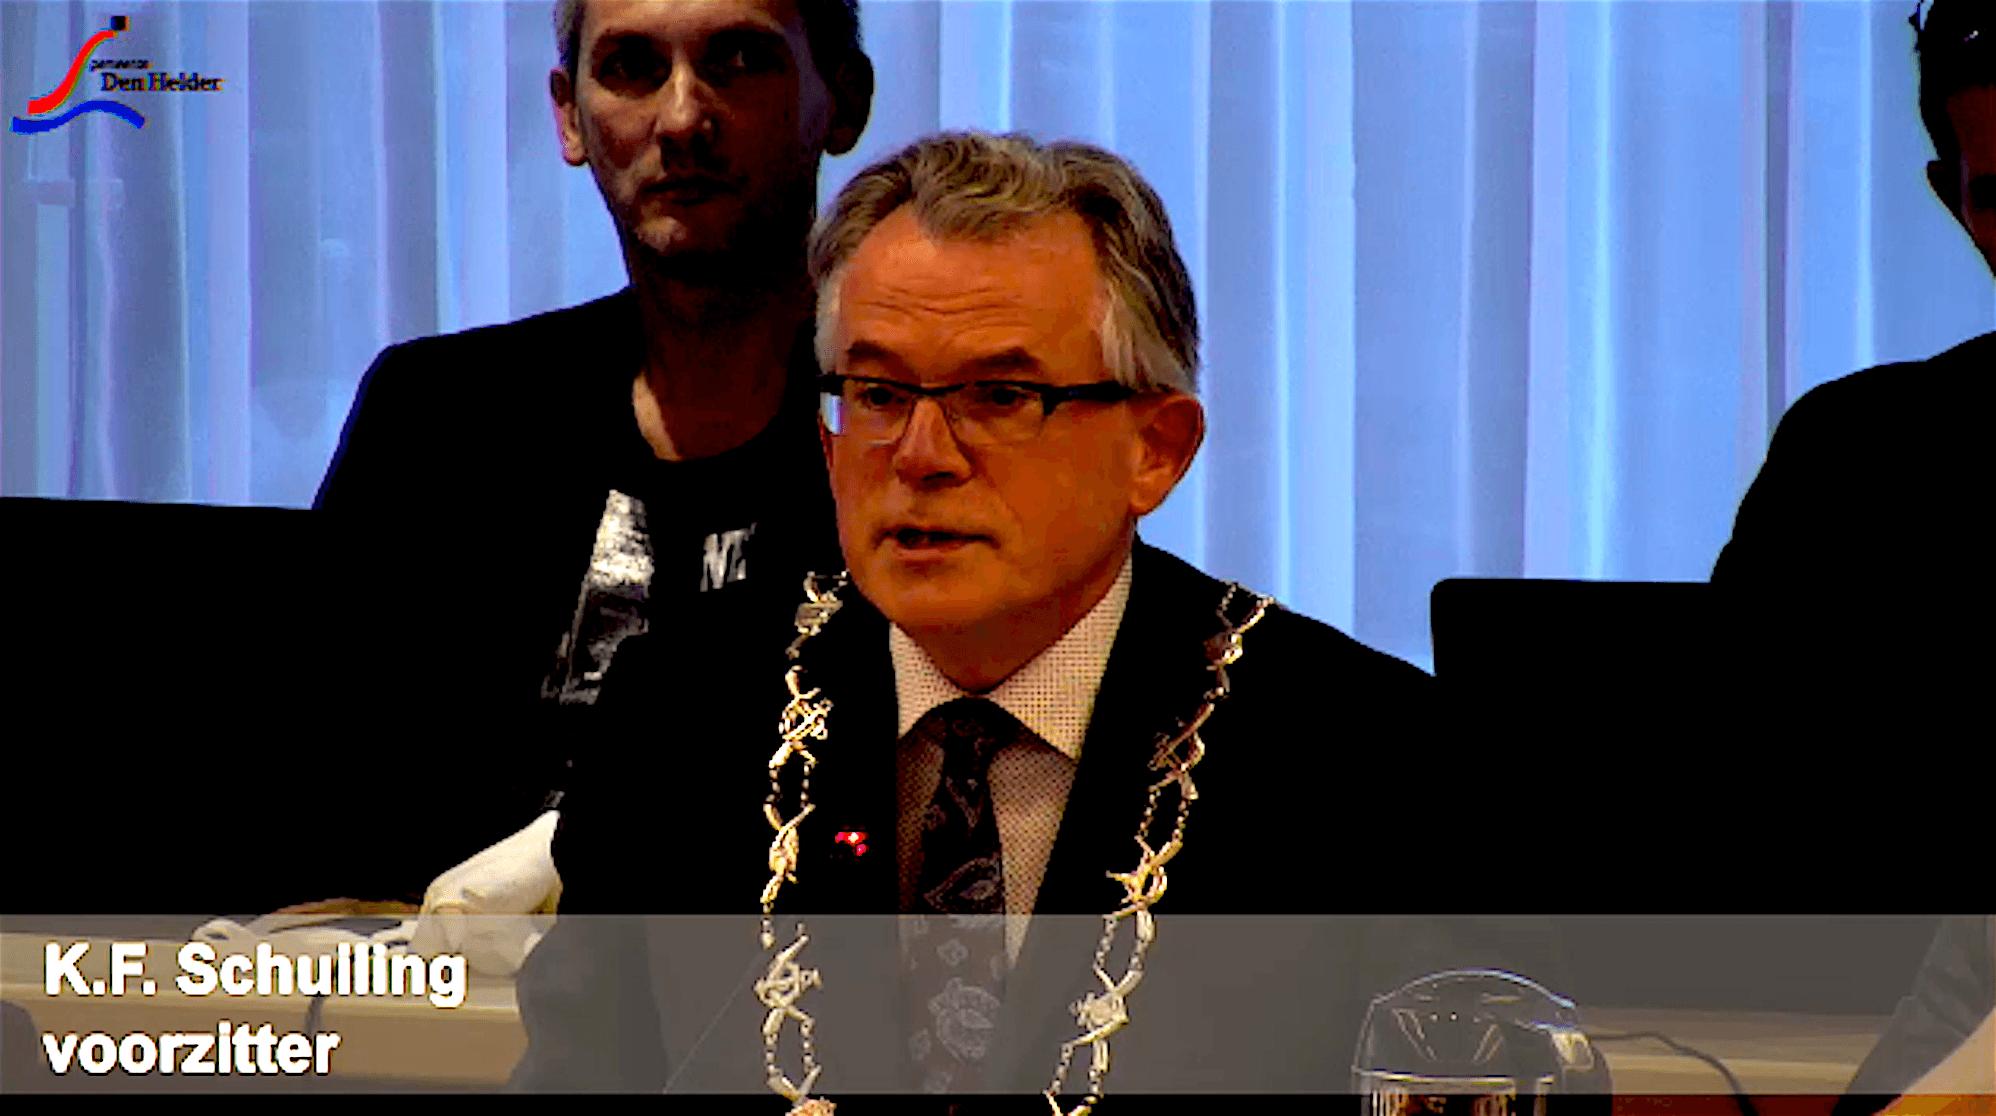 Burgemeester Koen Schuiling als voorzitter van de Helderse gemeenteraad (foto Staf RSMuseum)